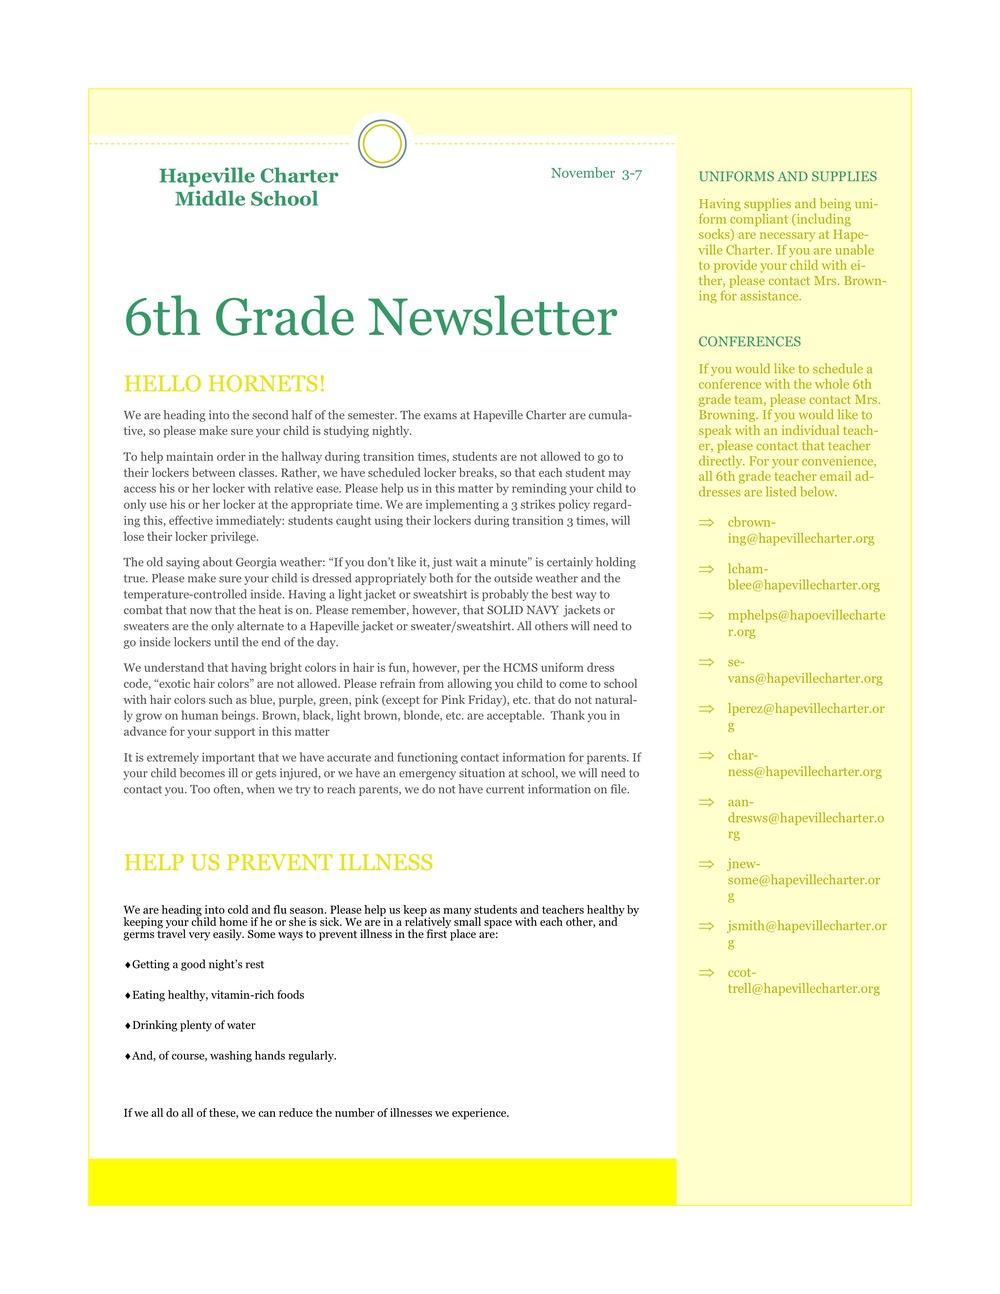 Newsletter ImageNovember 3-7.jpeg